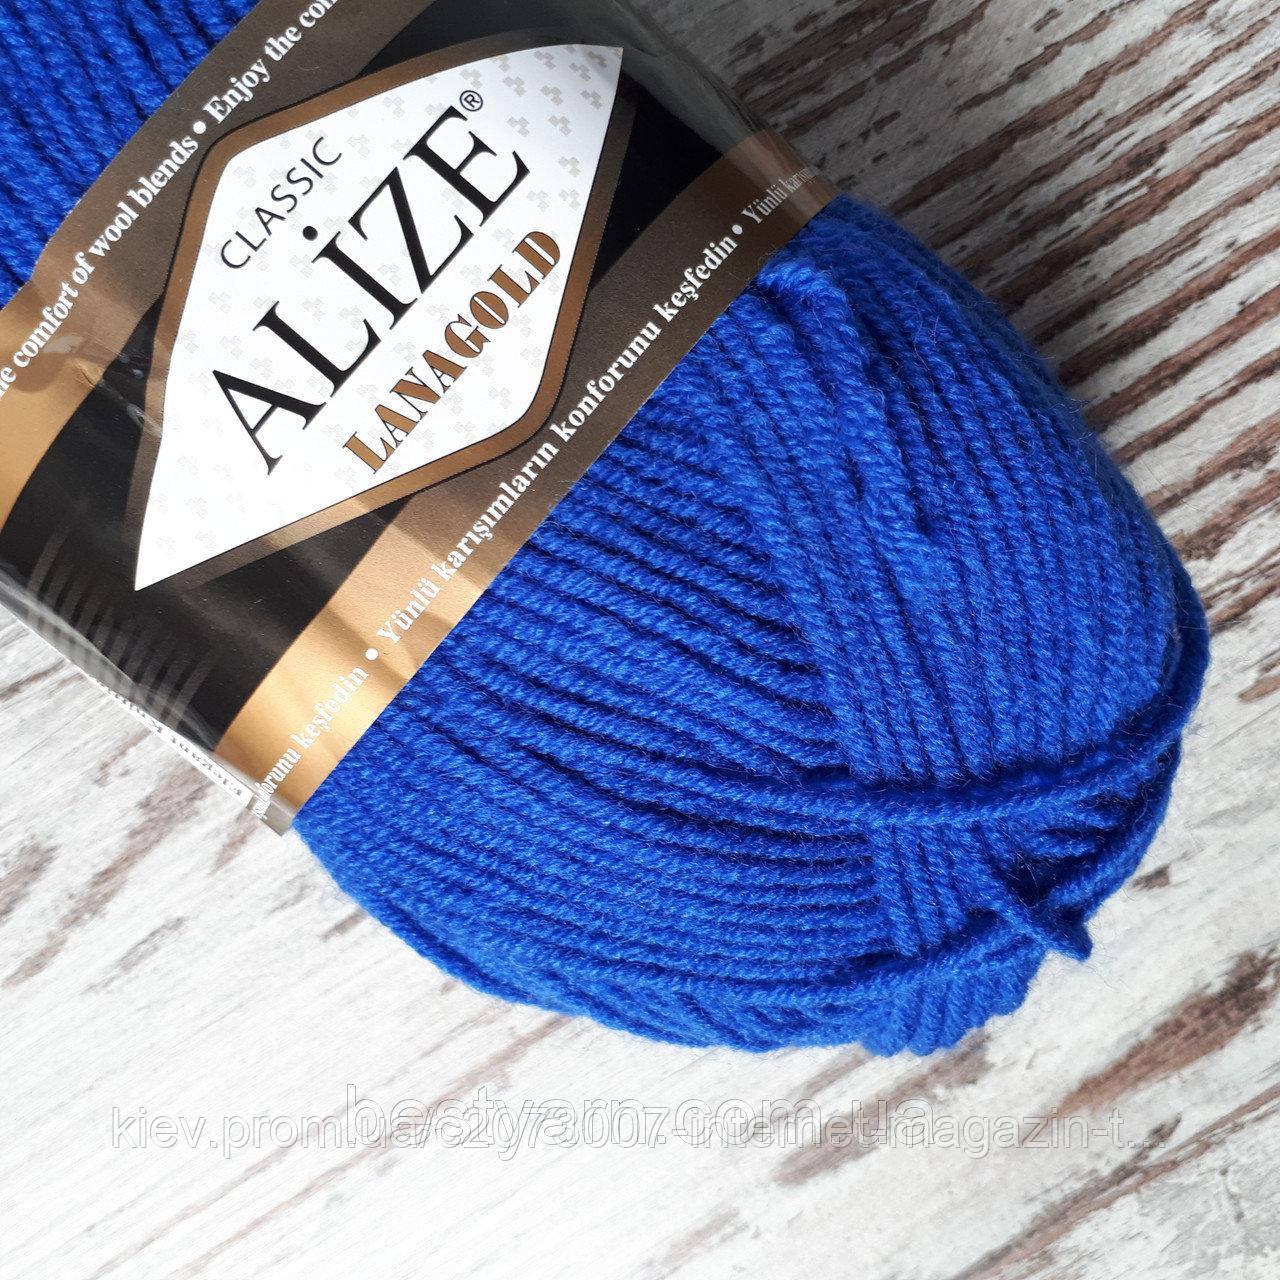 купить пряжу нитки для вязания Alize Lanagold в киеве дешево с